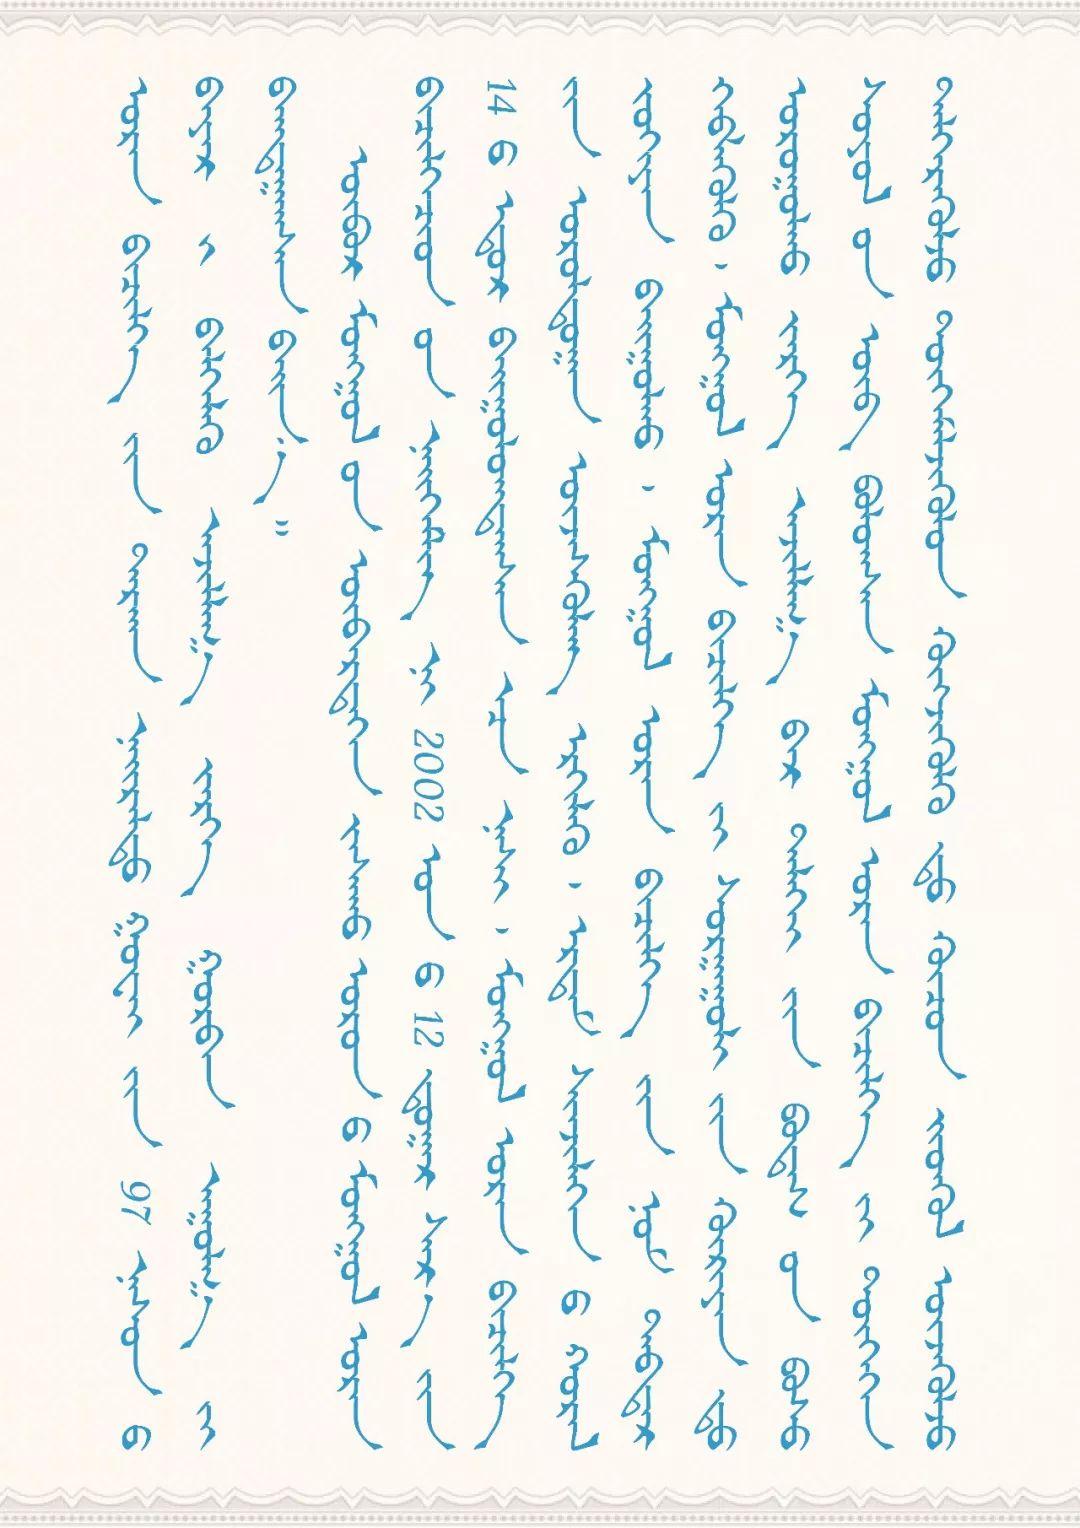 吉祥的哈达蒙古文书法系列活动 第2张